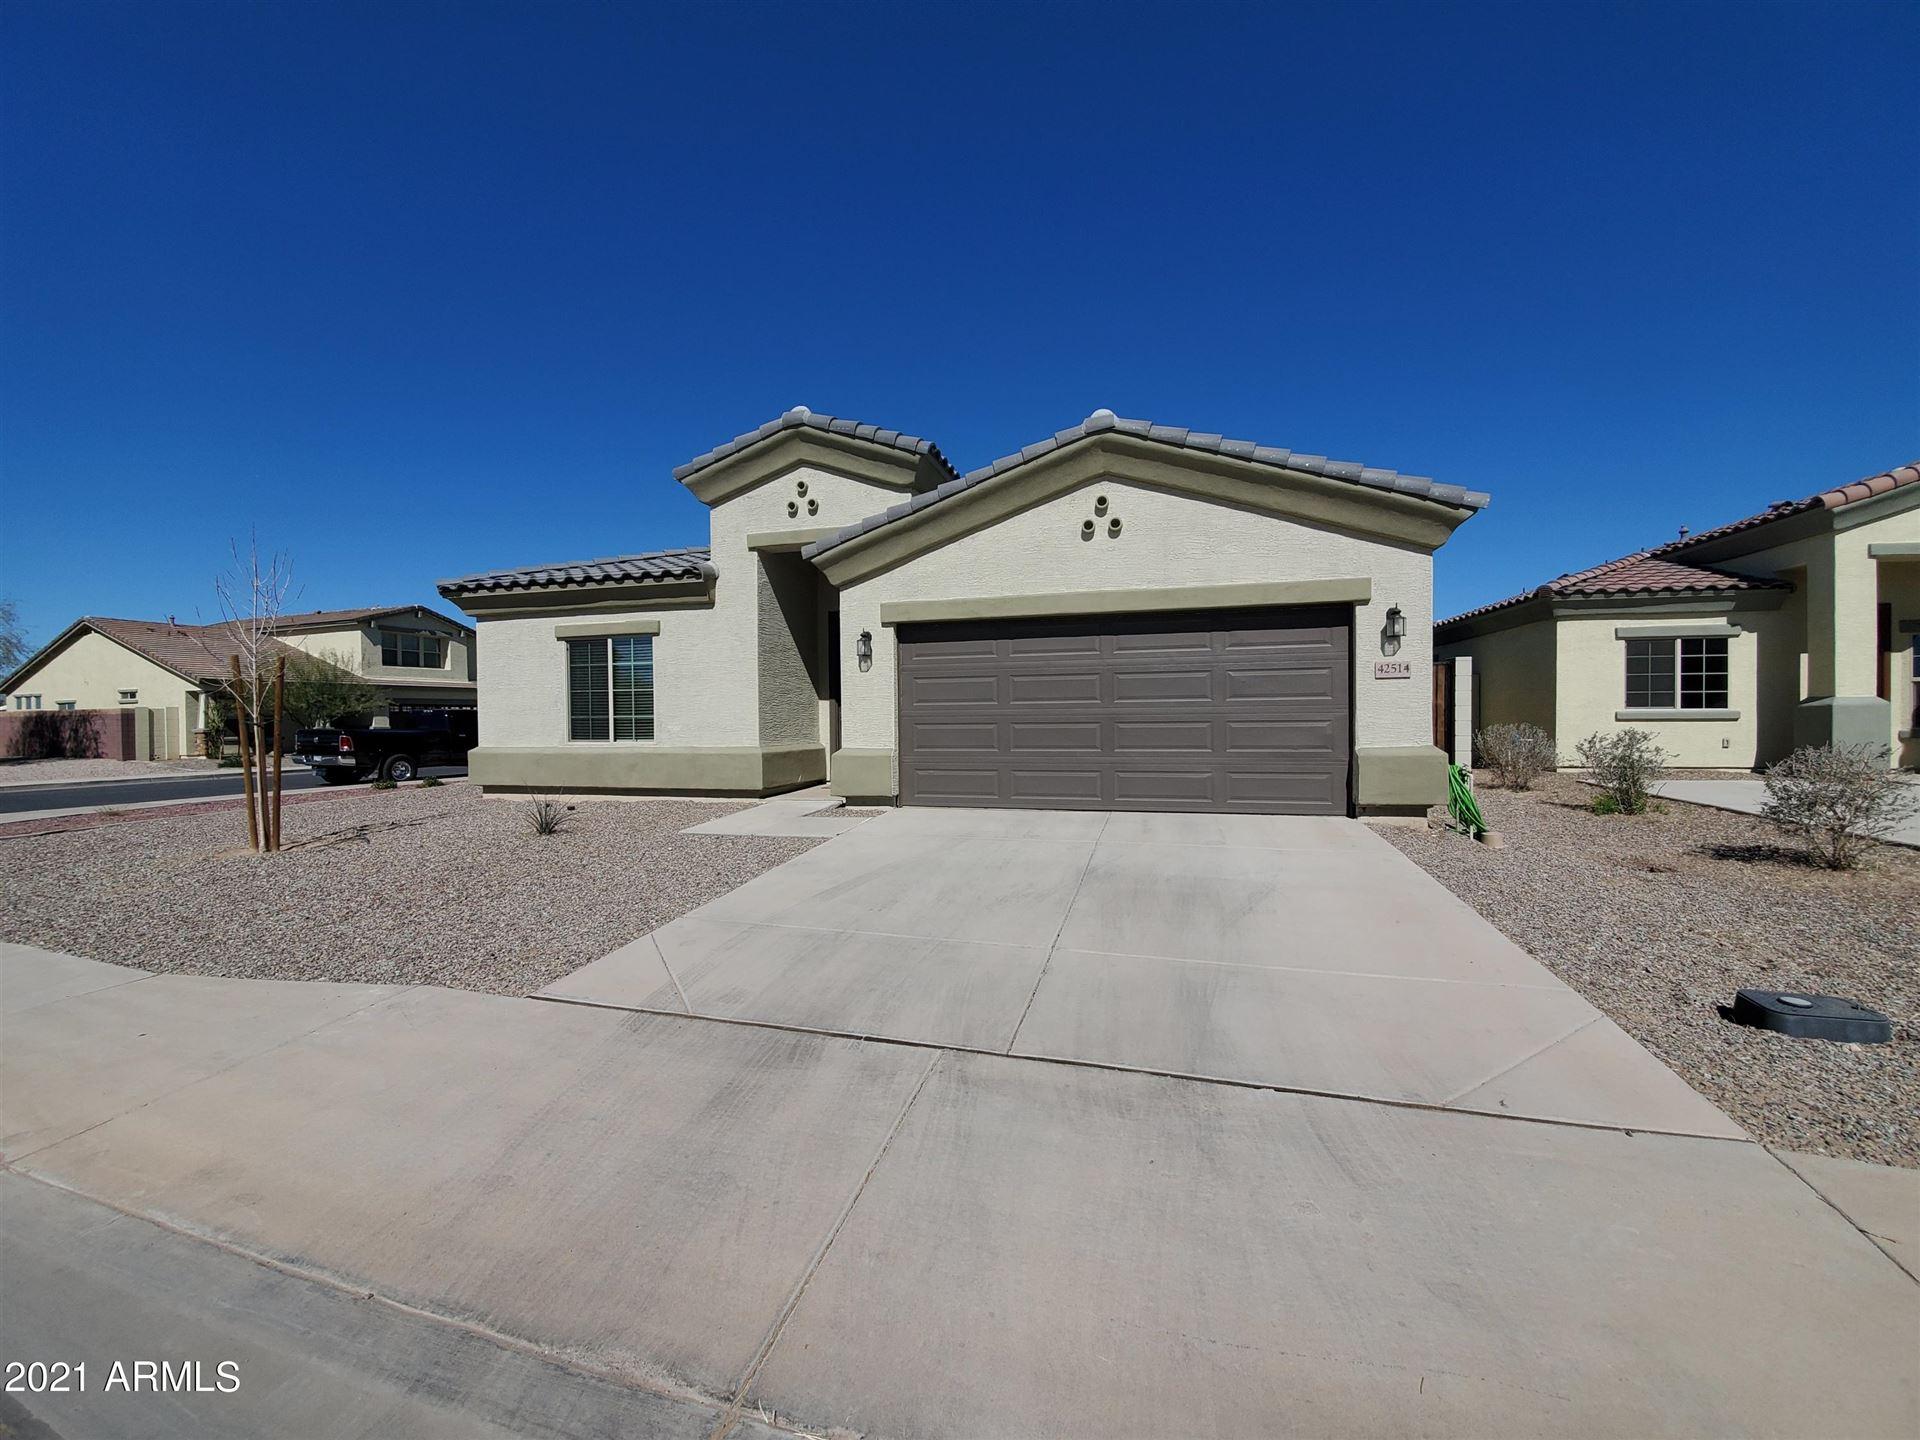 Photo for 42514 W RAMIREZ Drive, Maricopa, AZ 85138 (MLS # 6198031)